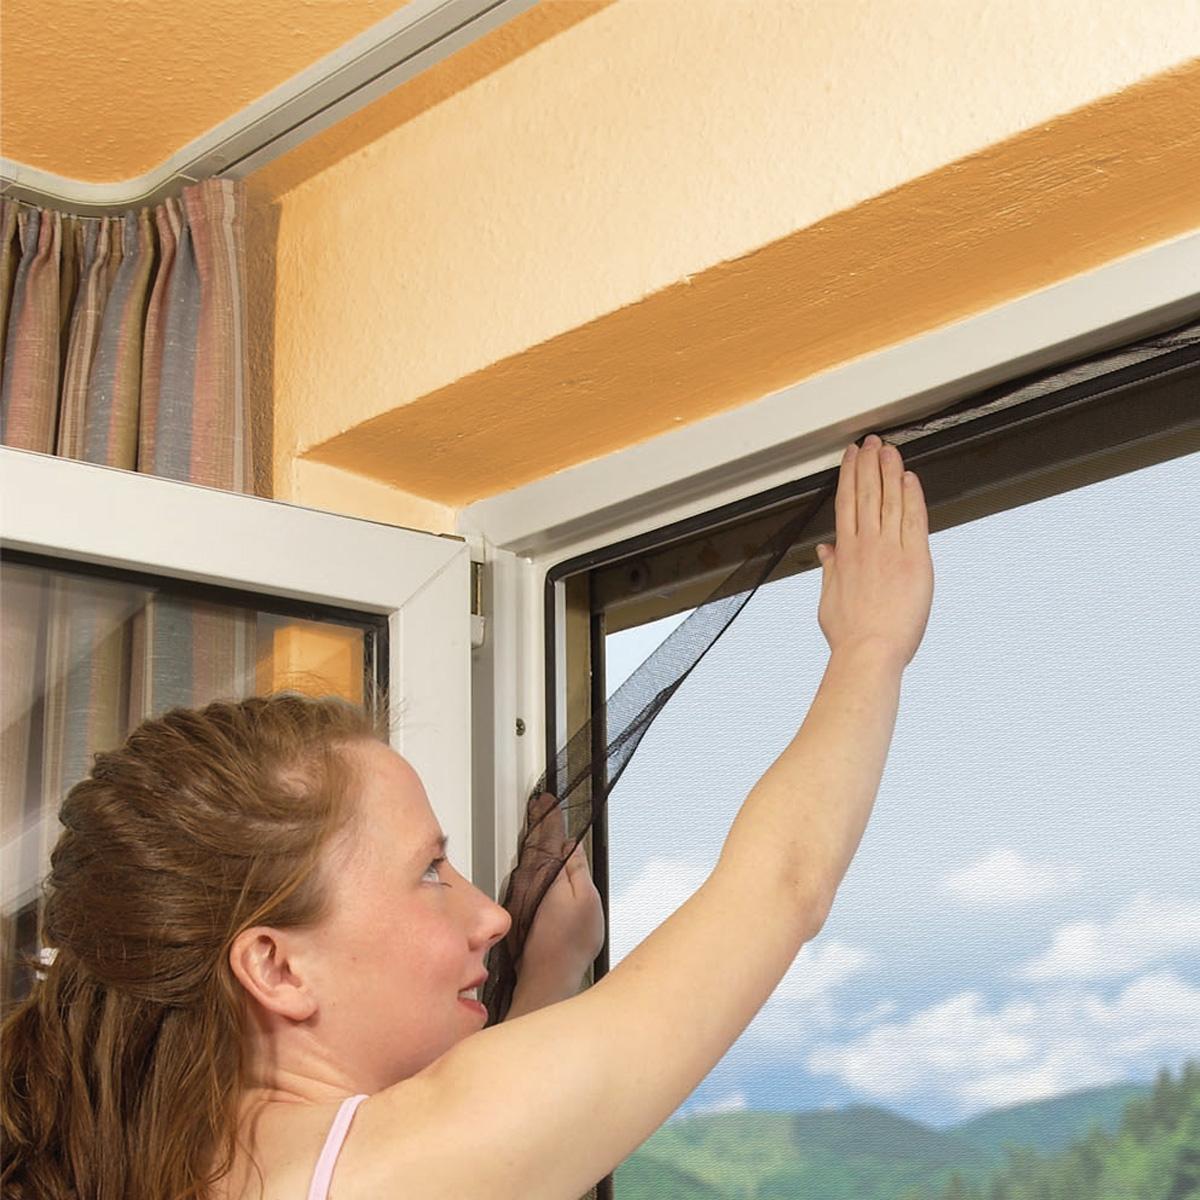 fliegengitter xxl 150x300cm insektenschutz fliegennetz moskitonetz m ckengitter ebay. Black Bedroom Furniture Sets. Home Design Ideas